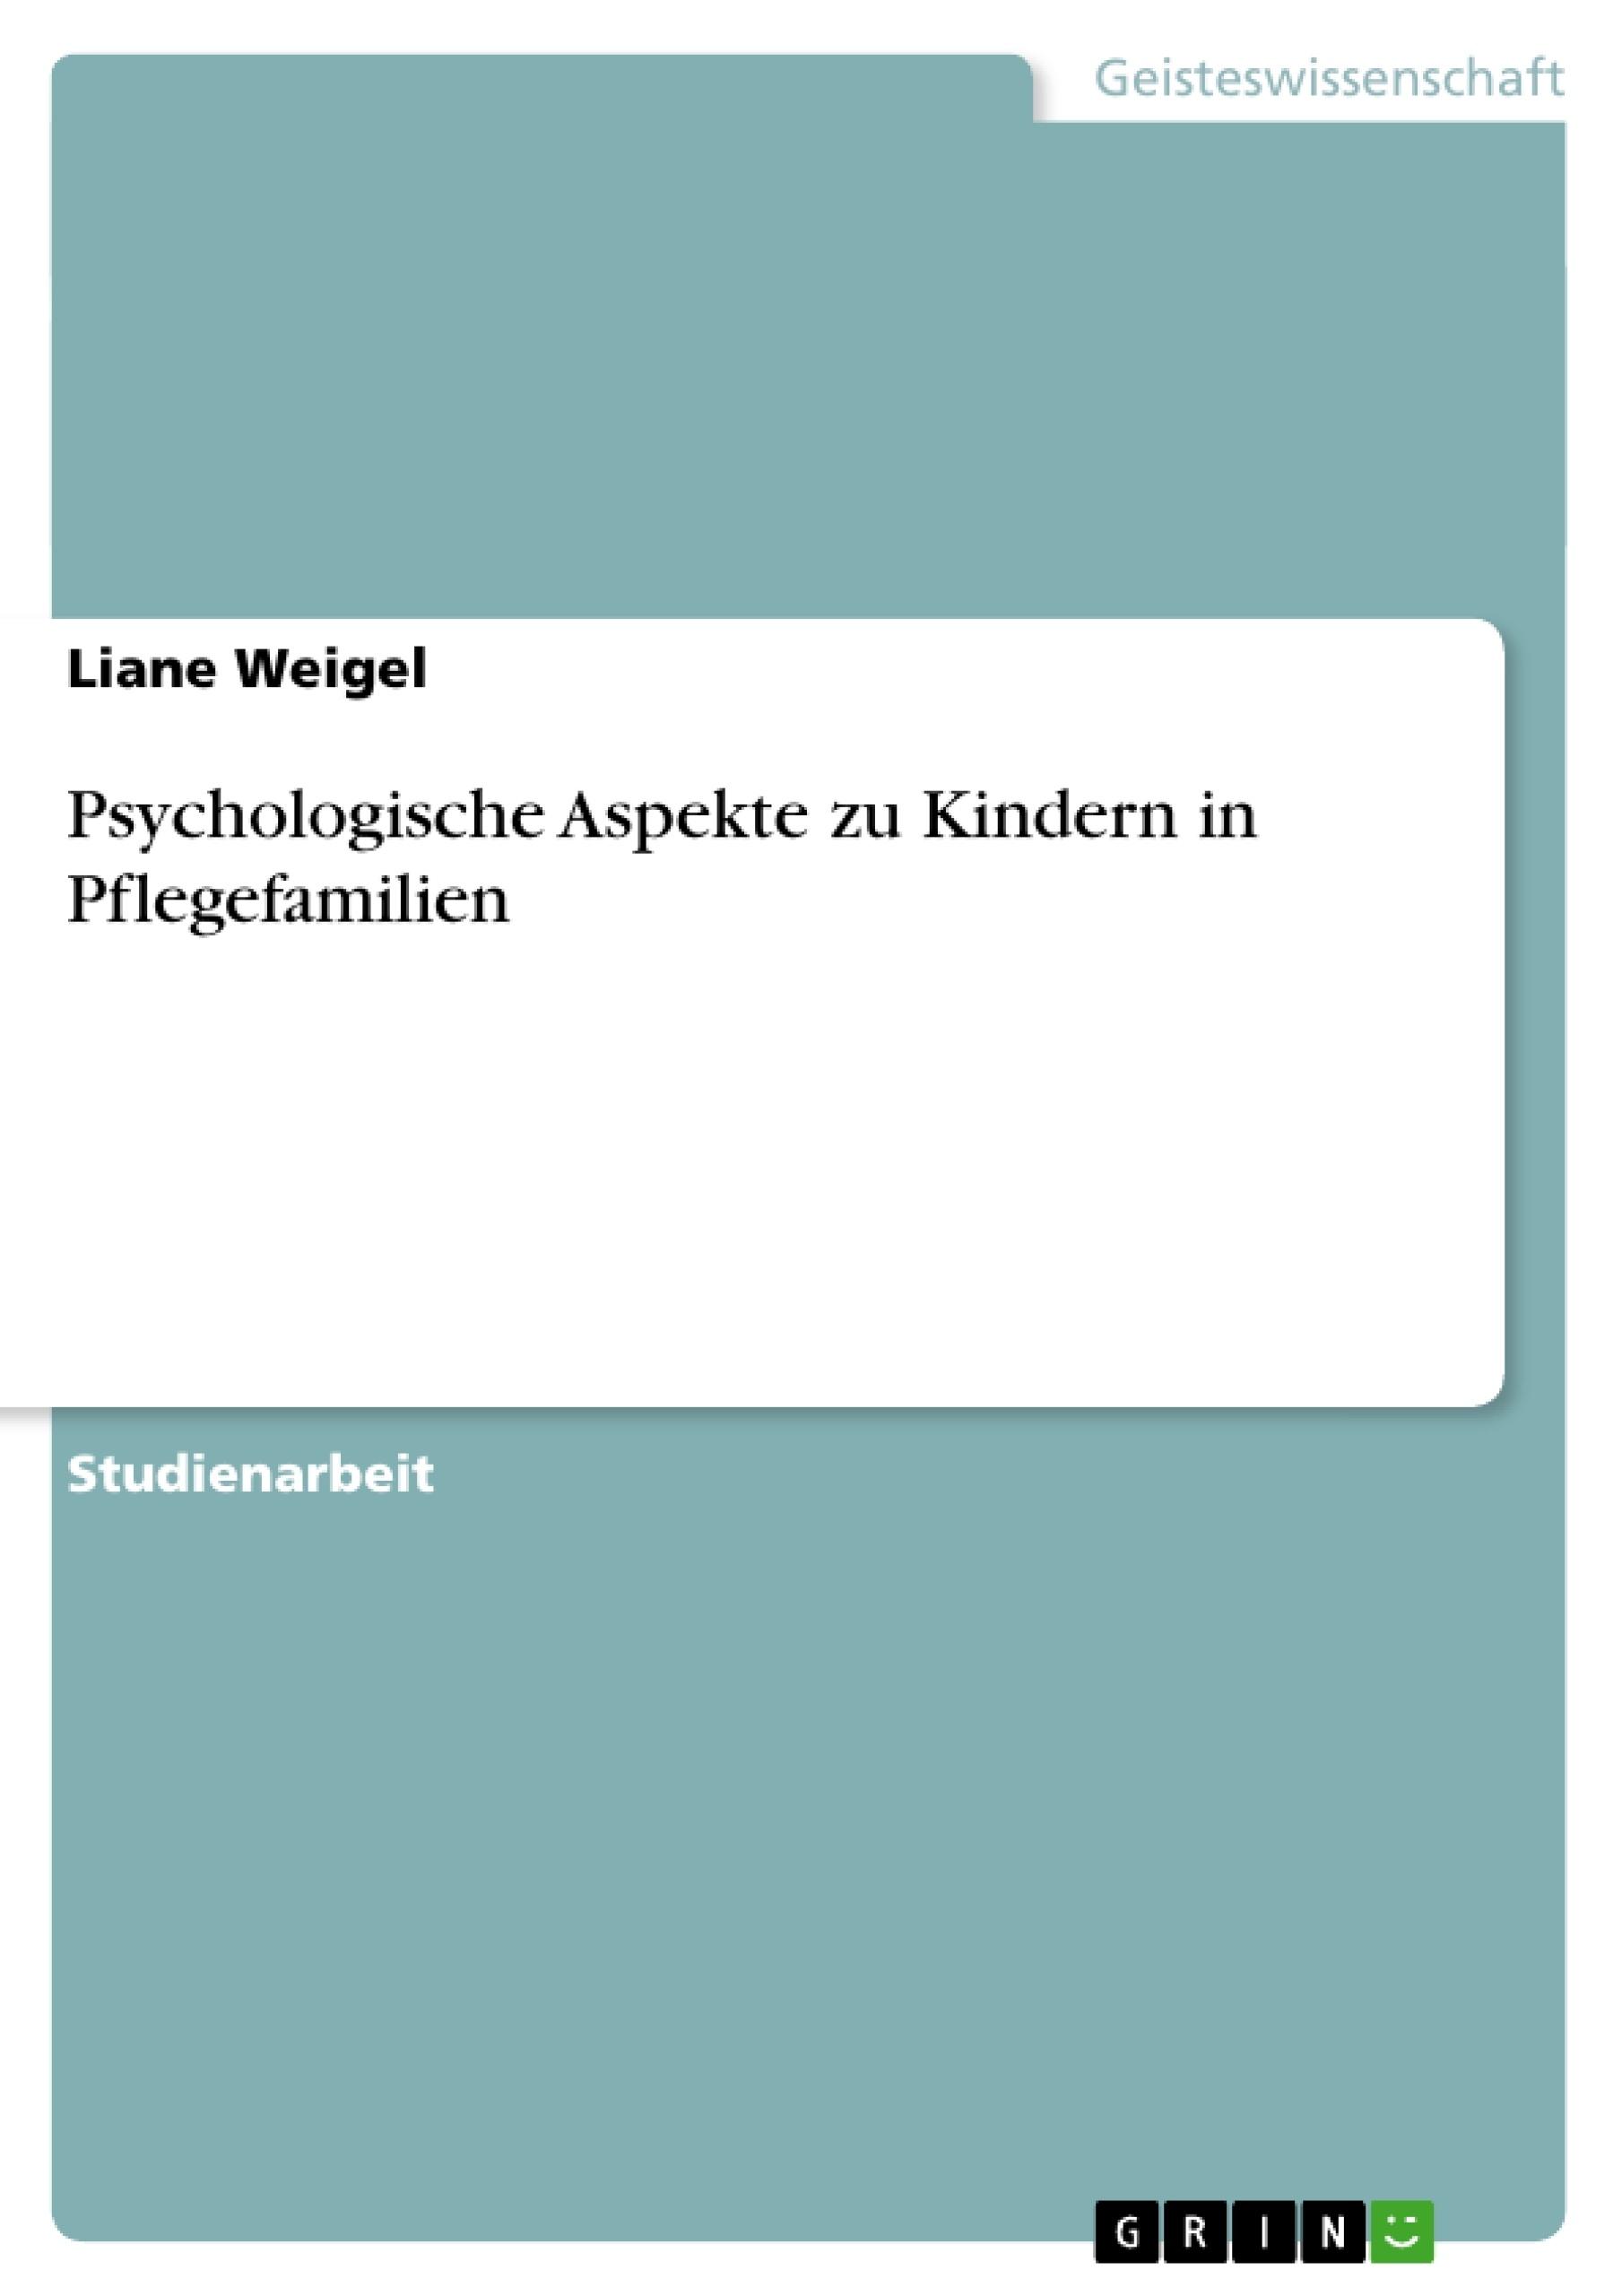 Titel: Psychologische Aspekte zu Kindern in Pflegefamilien